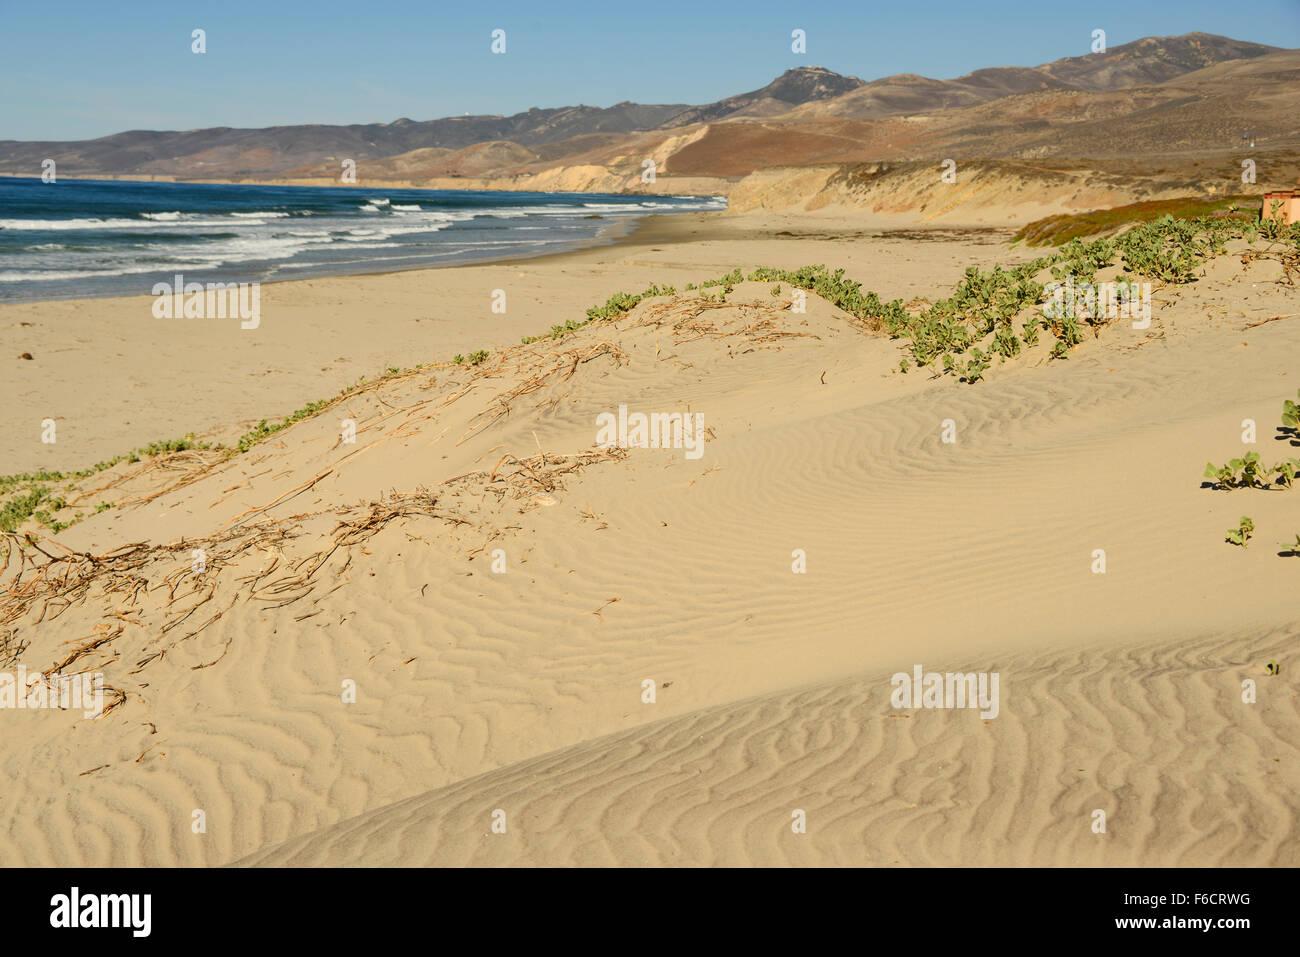 Beach Sand Dunes California Stockfotos und  bilder Kaufen   Alamy